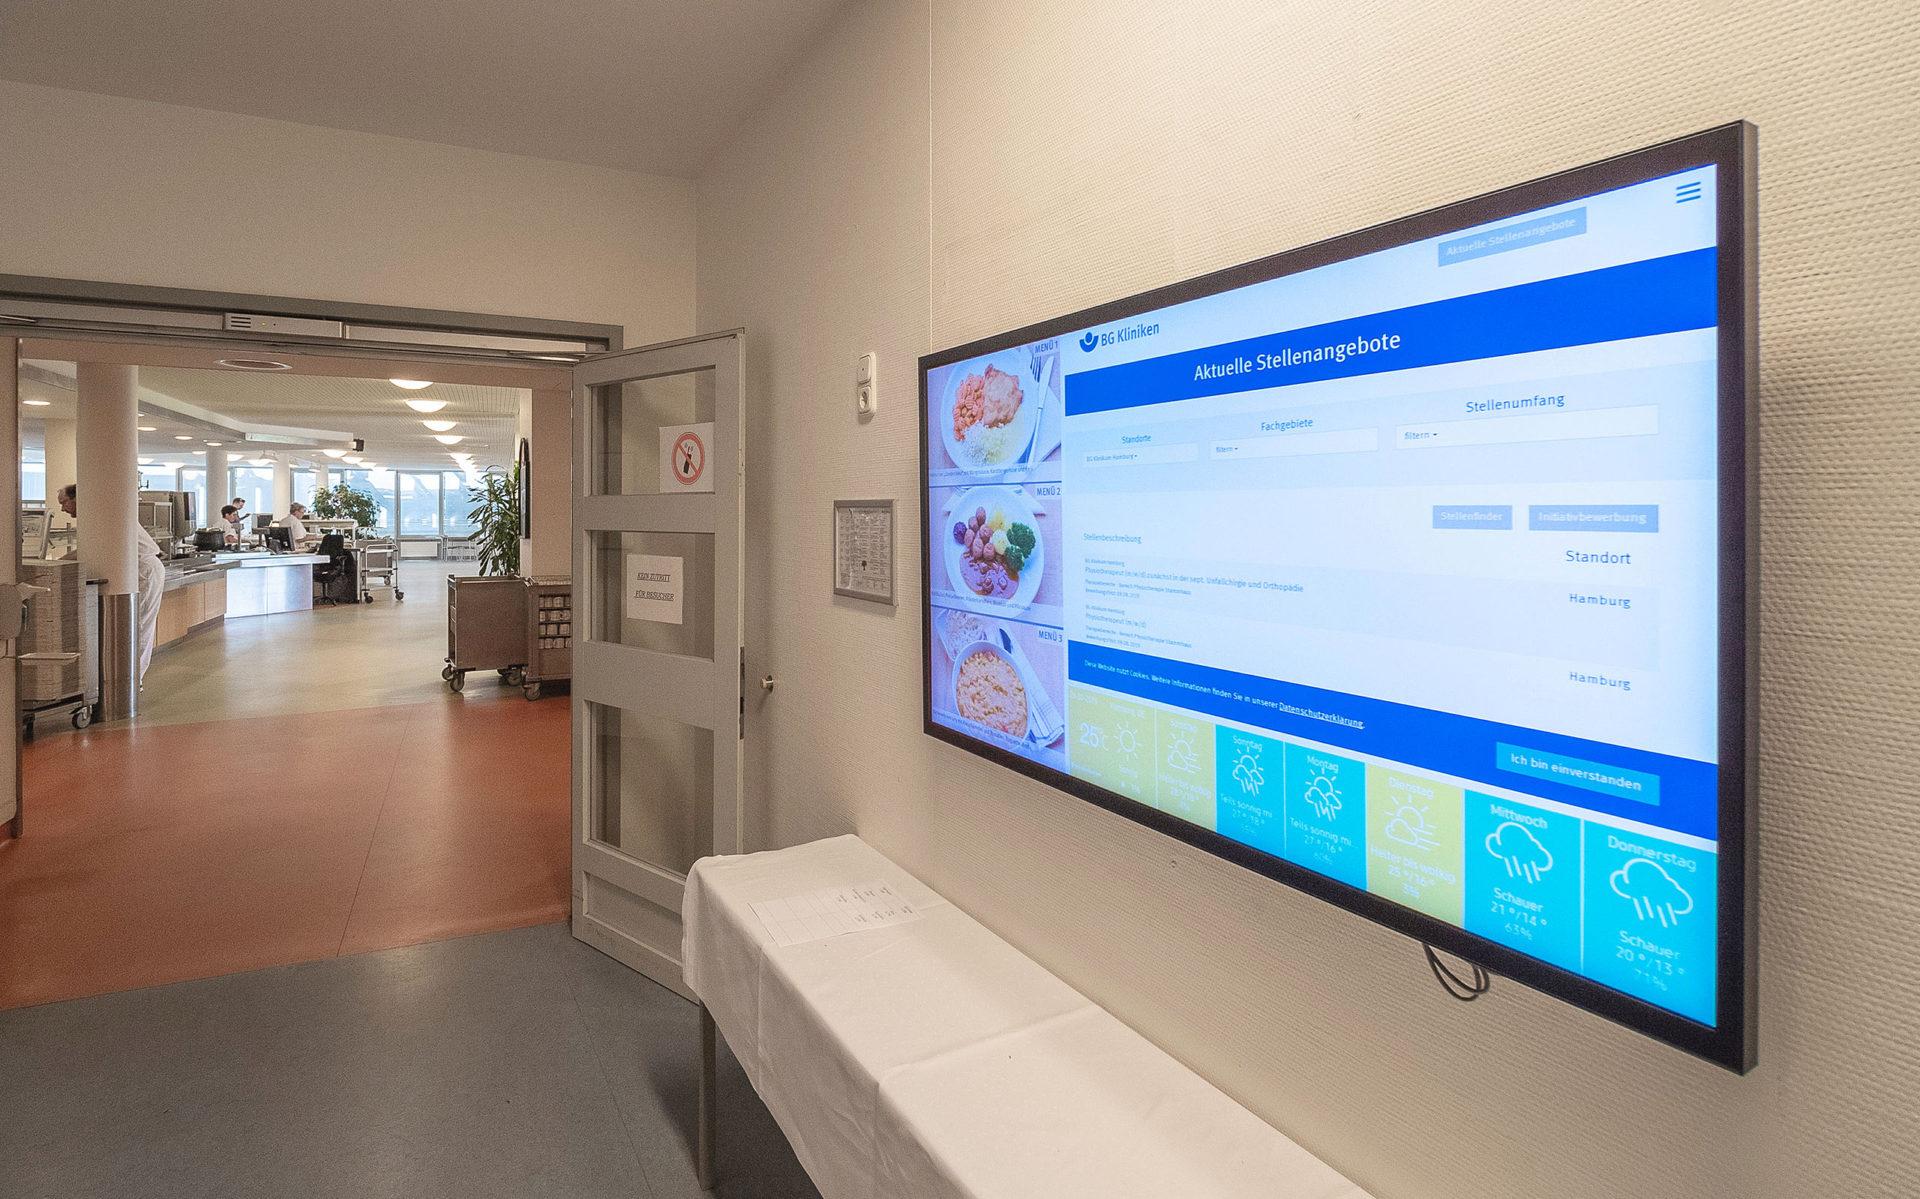 Digitaler Speiseplan in der Kantine des BG Klinikum Hamburg